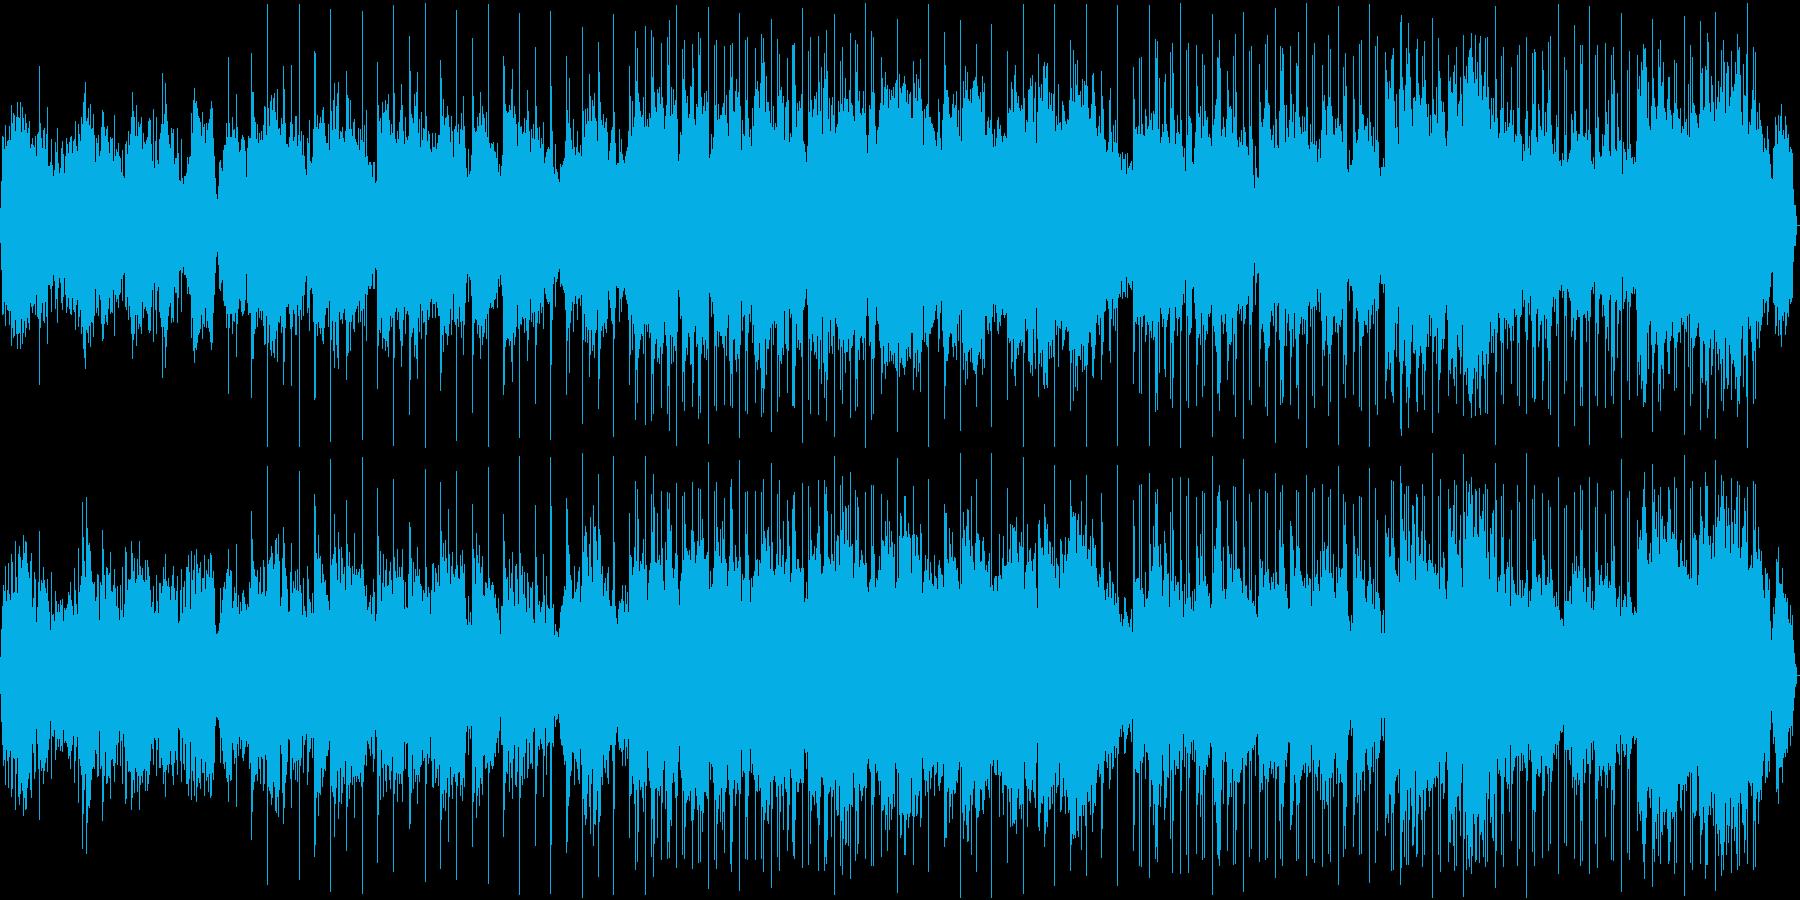 シンセサイザーの幻想的BGMの再生済みの波形